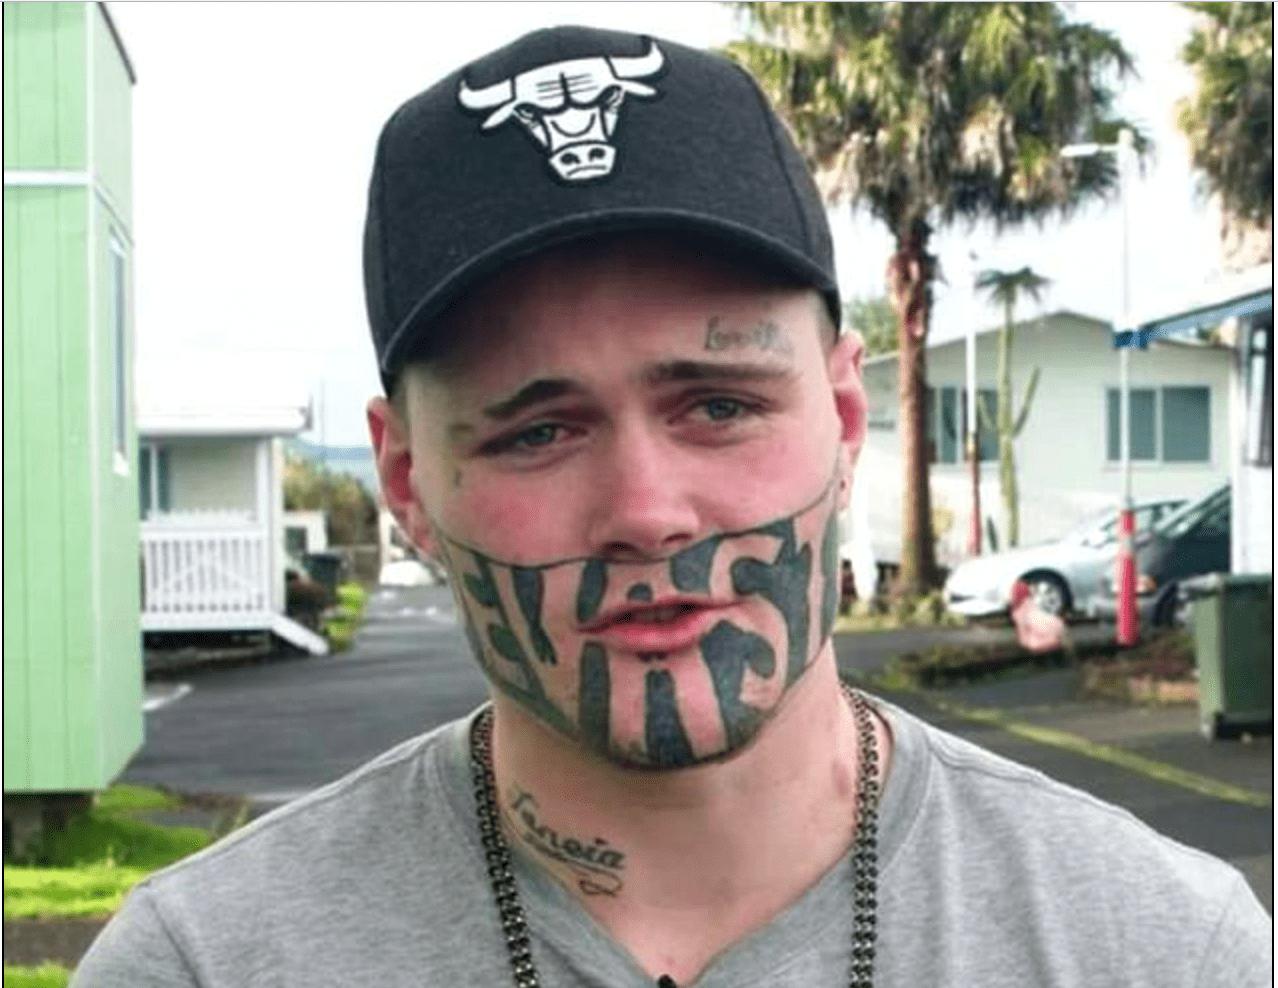 L'ex carcerato col volto tatuato ha trovato lavoro: 'Tutti possiamo sbagliare'